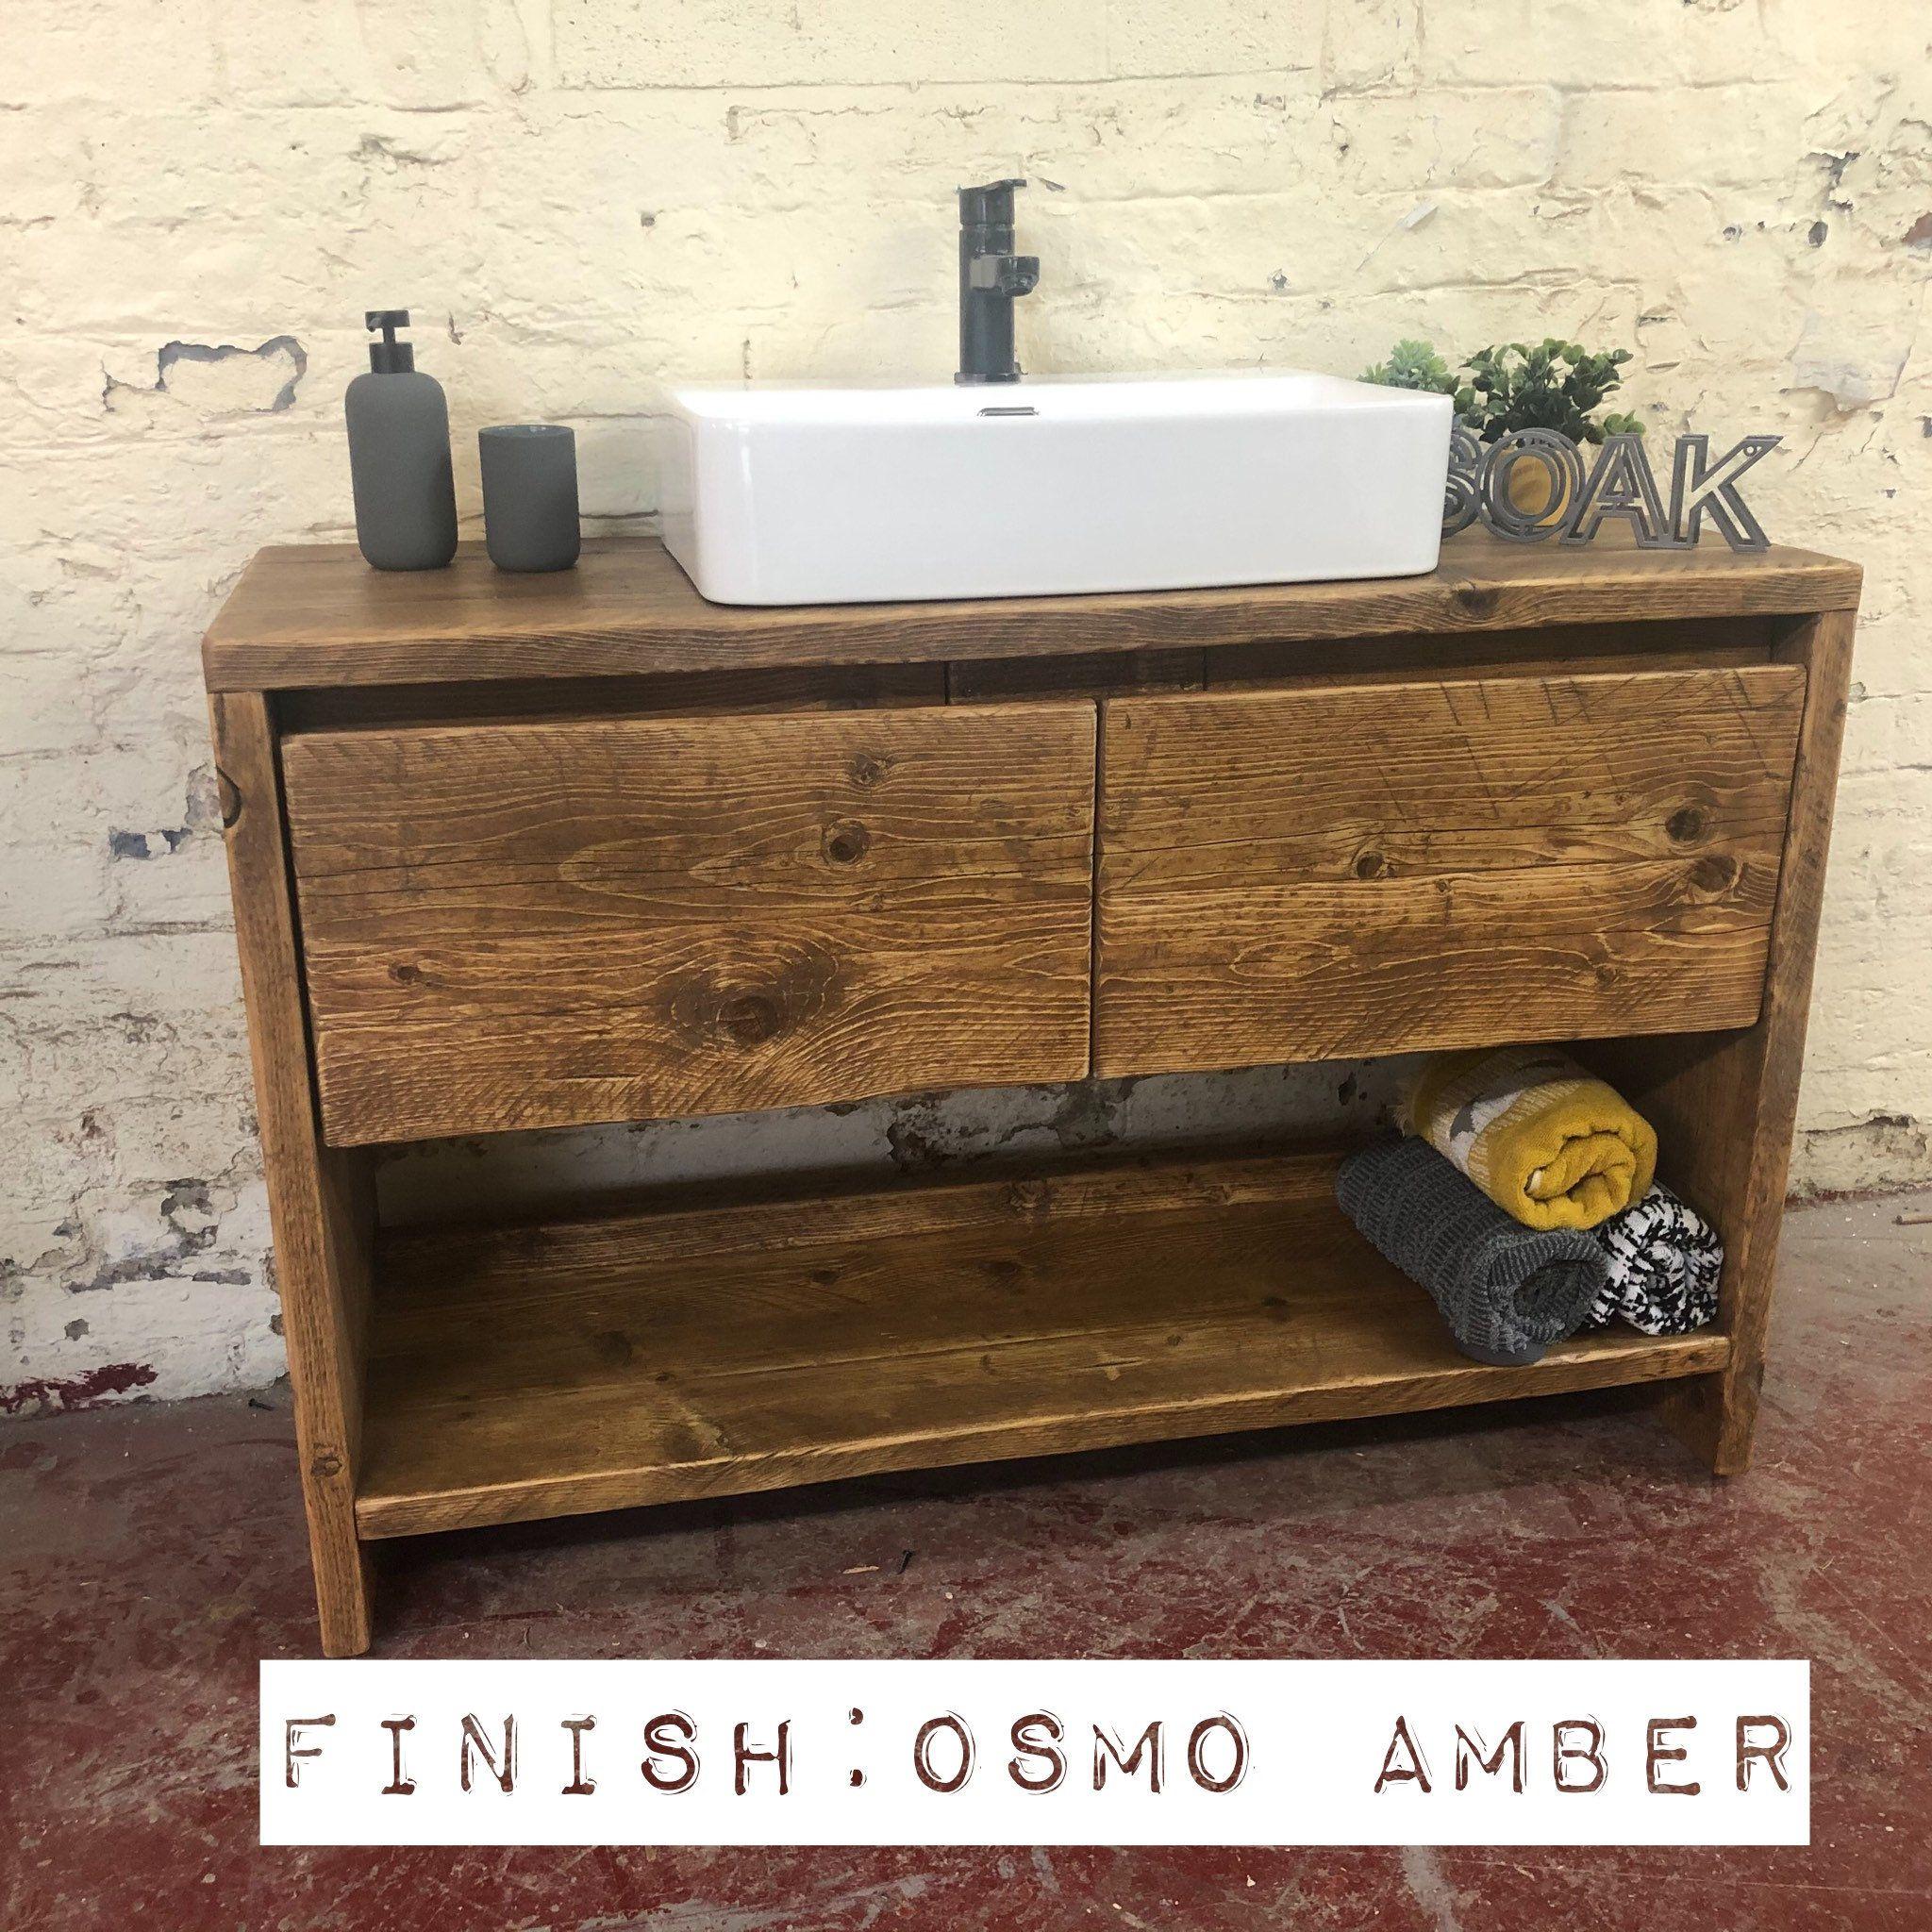 Glasgow Reclaimed Wooden Vanity Unit Wood Bathroom Vanity Cabinet Bathroo In 2020 Reclaimed Wood Bathroom Vanity Wood Bathroom Vanity Wooden Bathroom Vanity